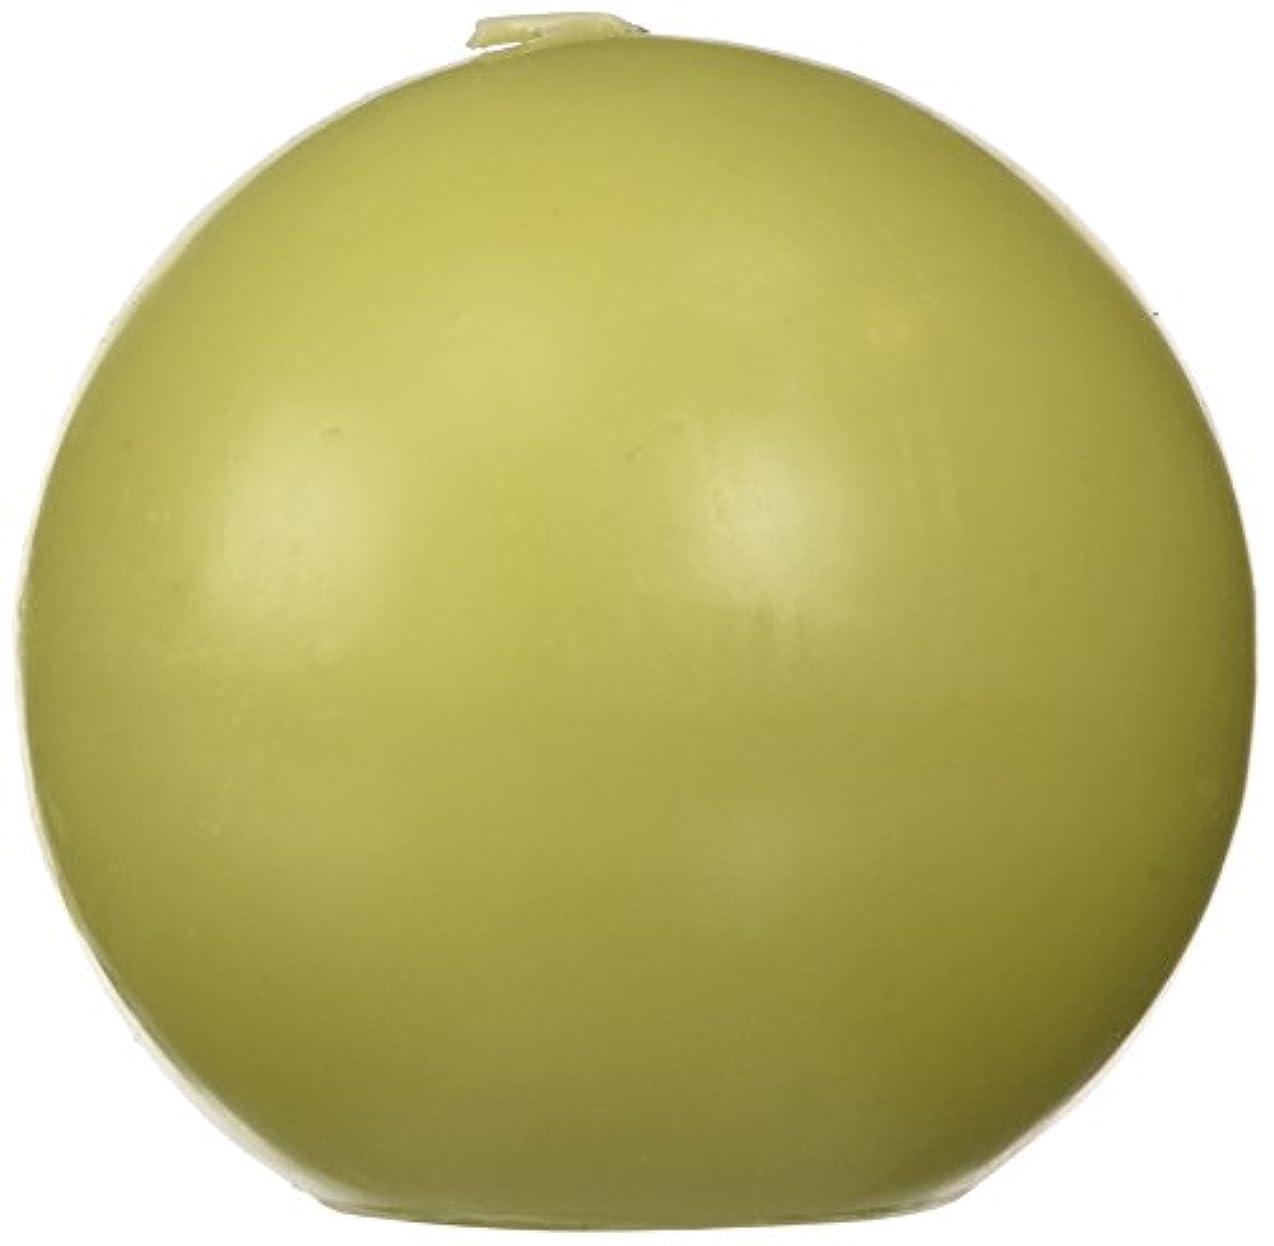 教義リスキーな指Zest Candle CBZ-032 4 in. Sage Green Ball Candles -2pc-Box